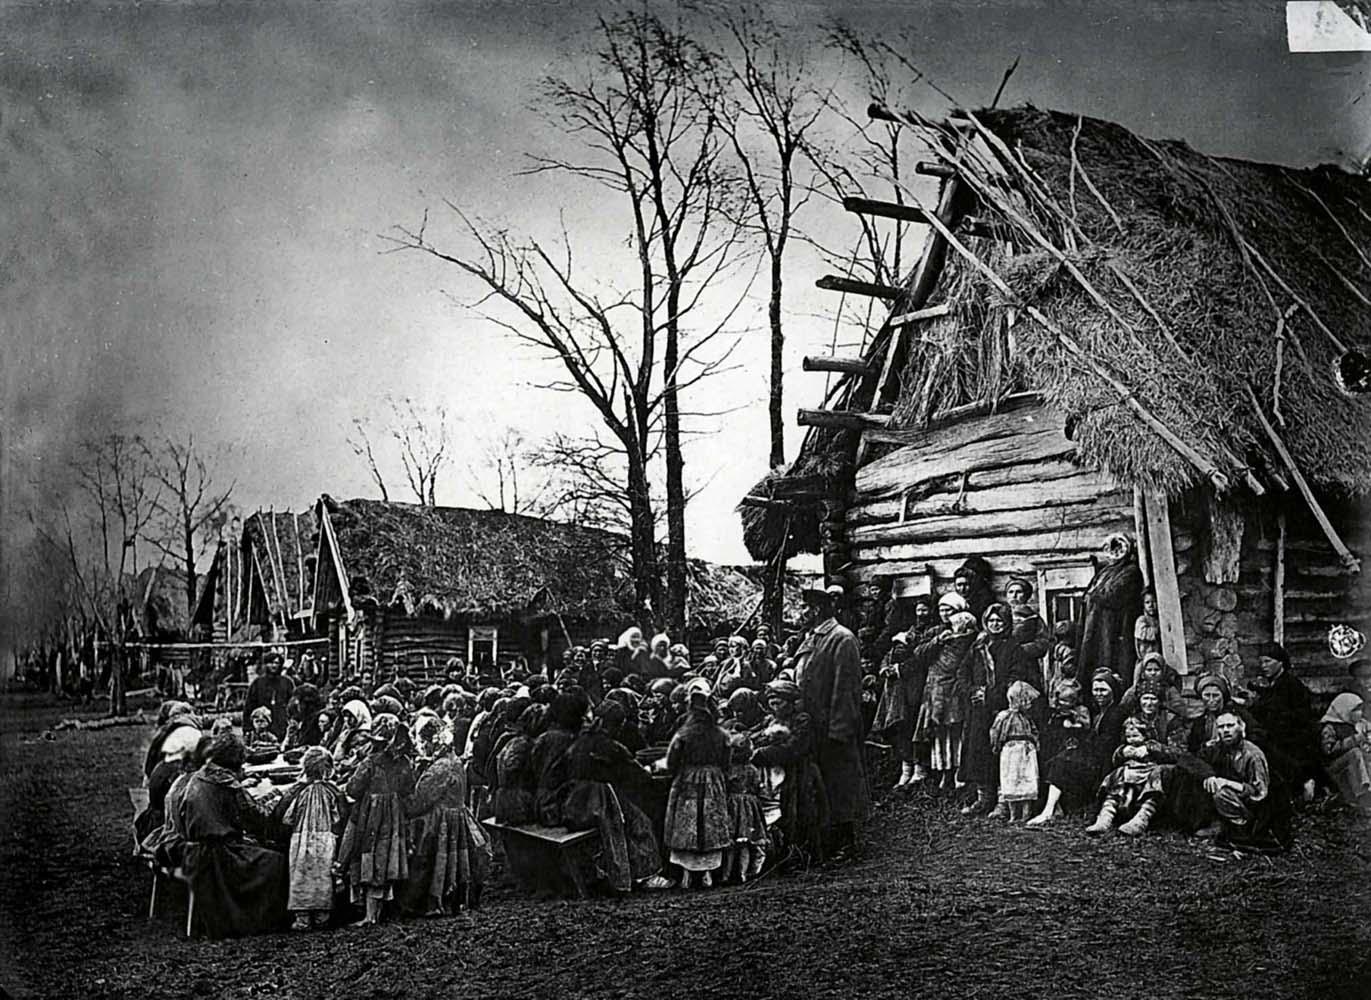 Крестьянская община в деревне Пралевке Лукояновского уезда. Фото М.П. Дмитриева. 1891-92 гг